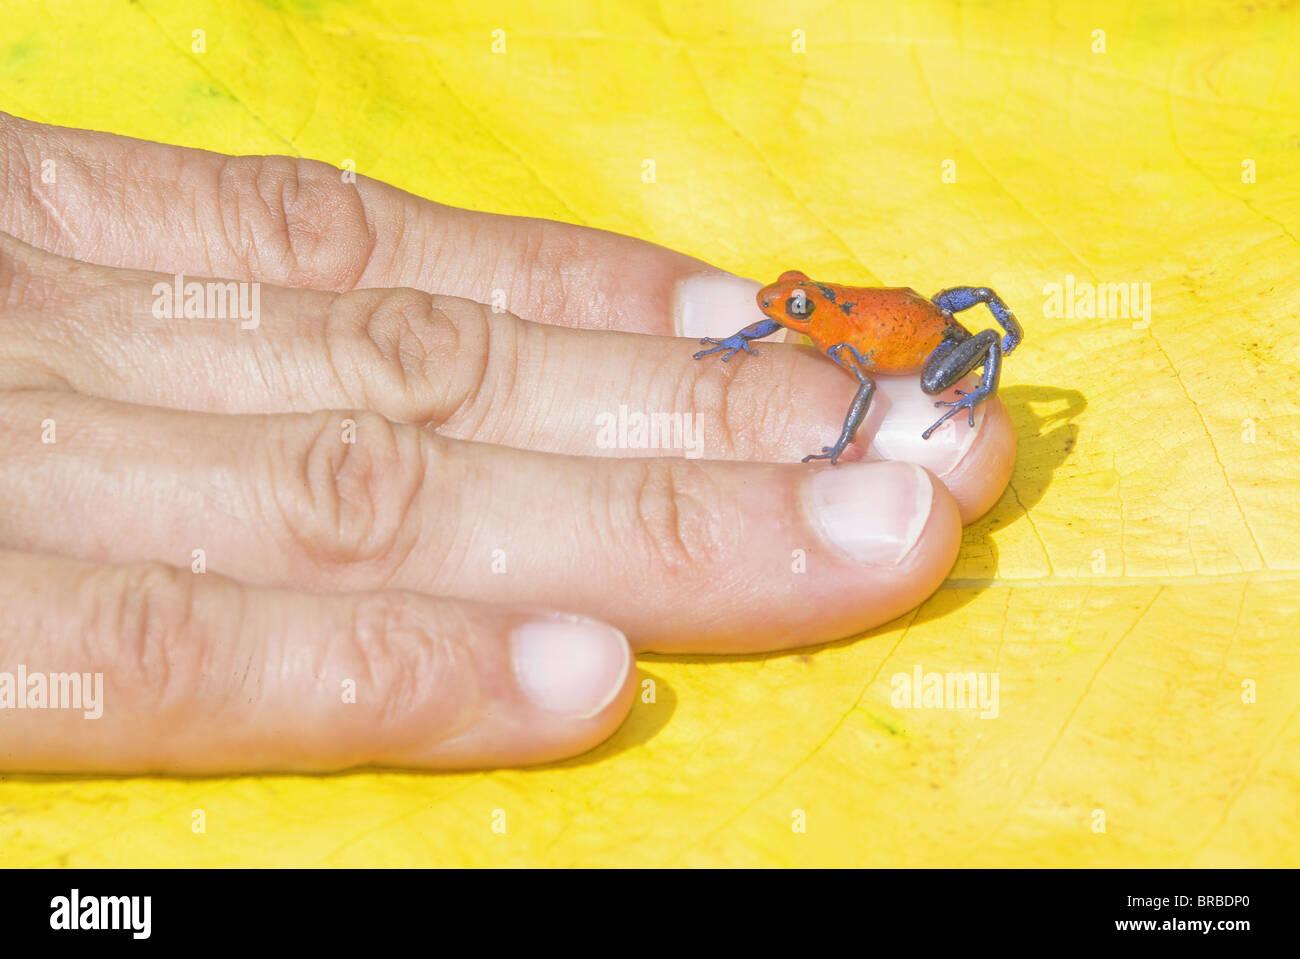 Jeans blu dart (rana Dendrobates pumilio) sulla mano umana, Costa Rica, America Centrale Immagini Stock